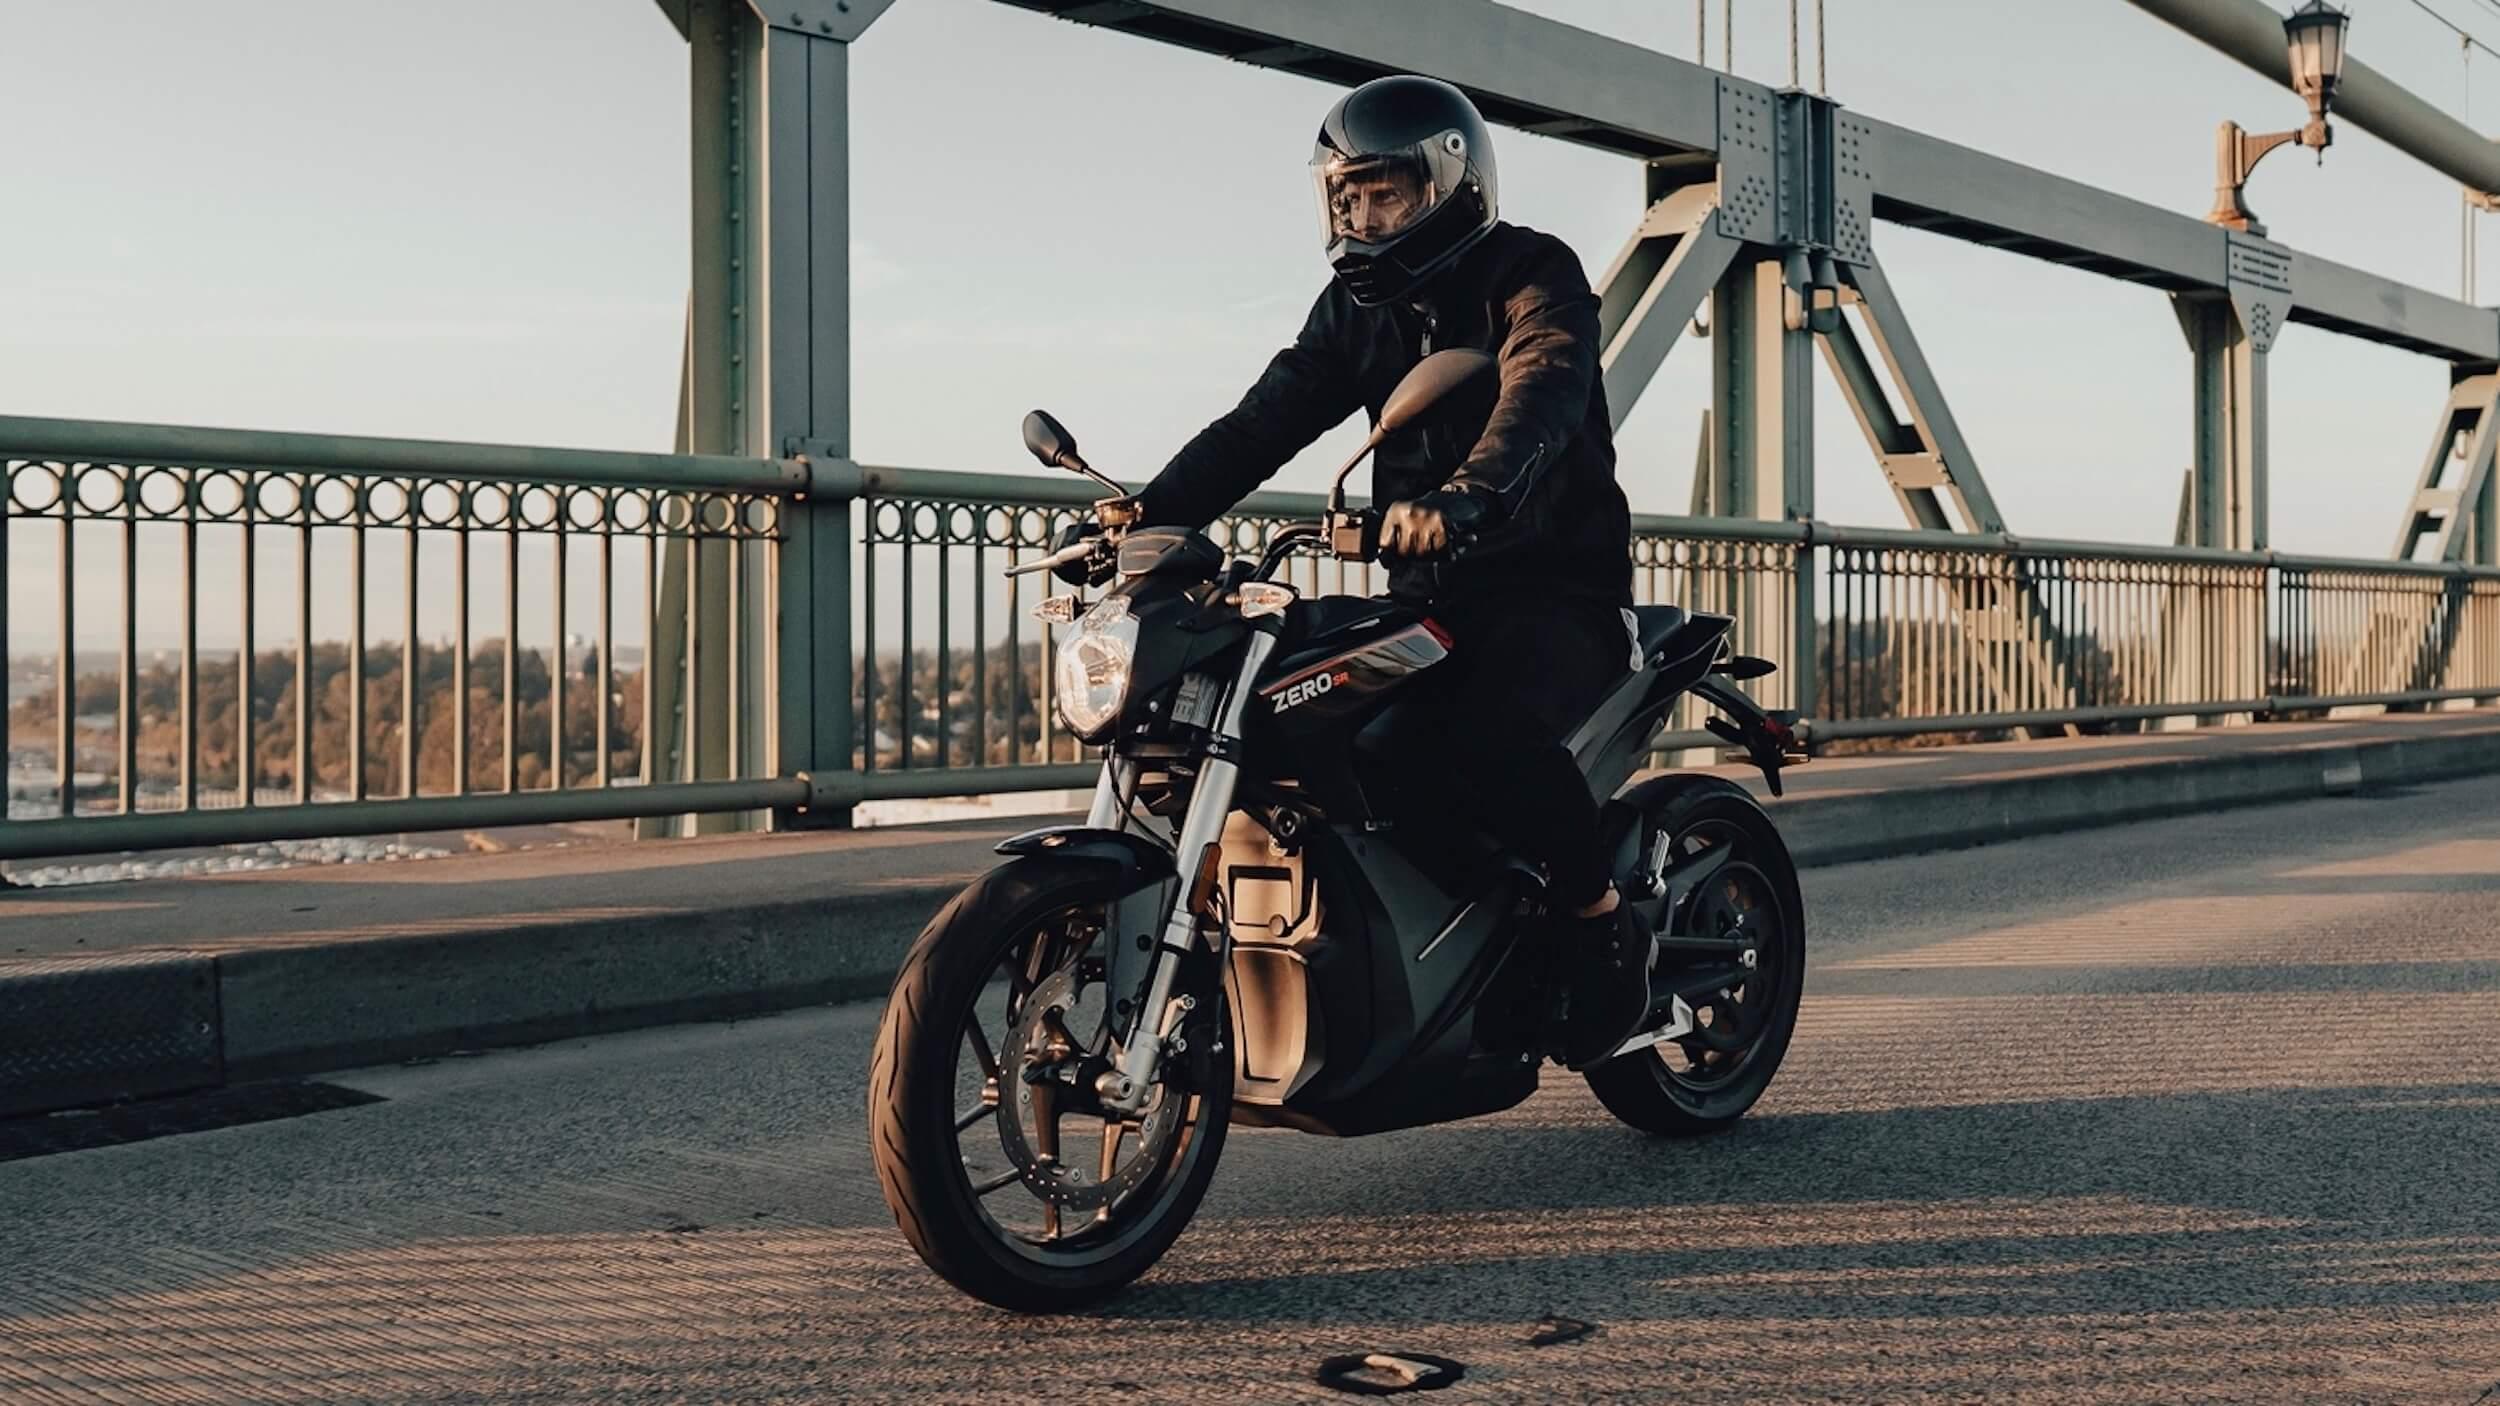 2020 Zero SR elektrische motorfiets